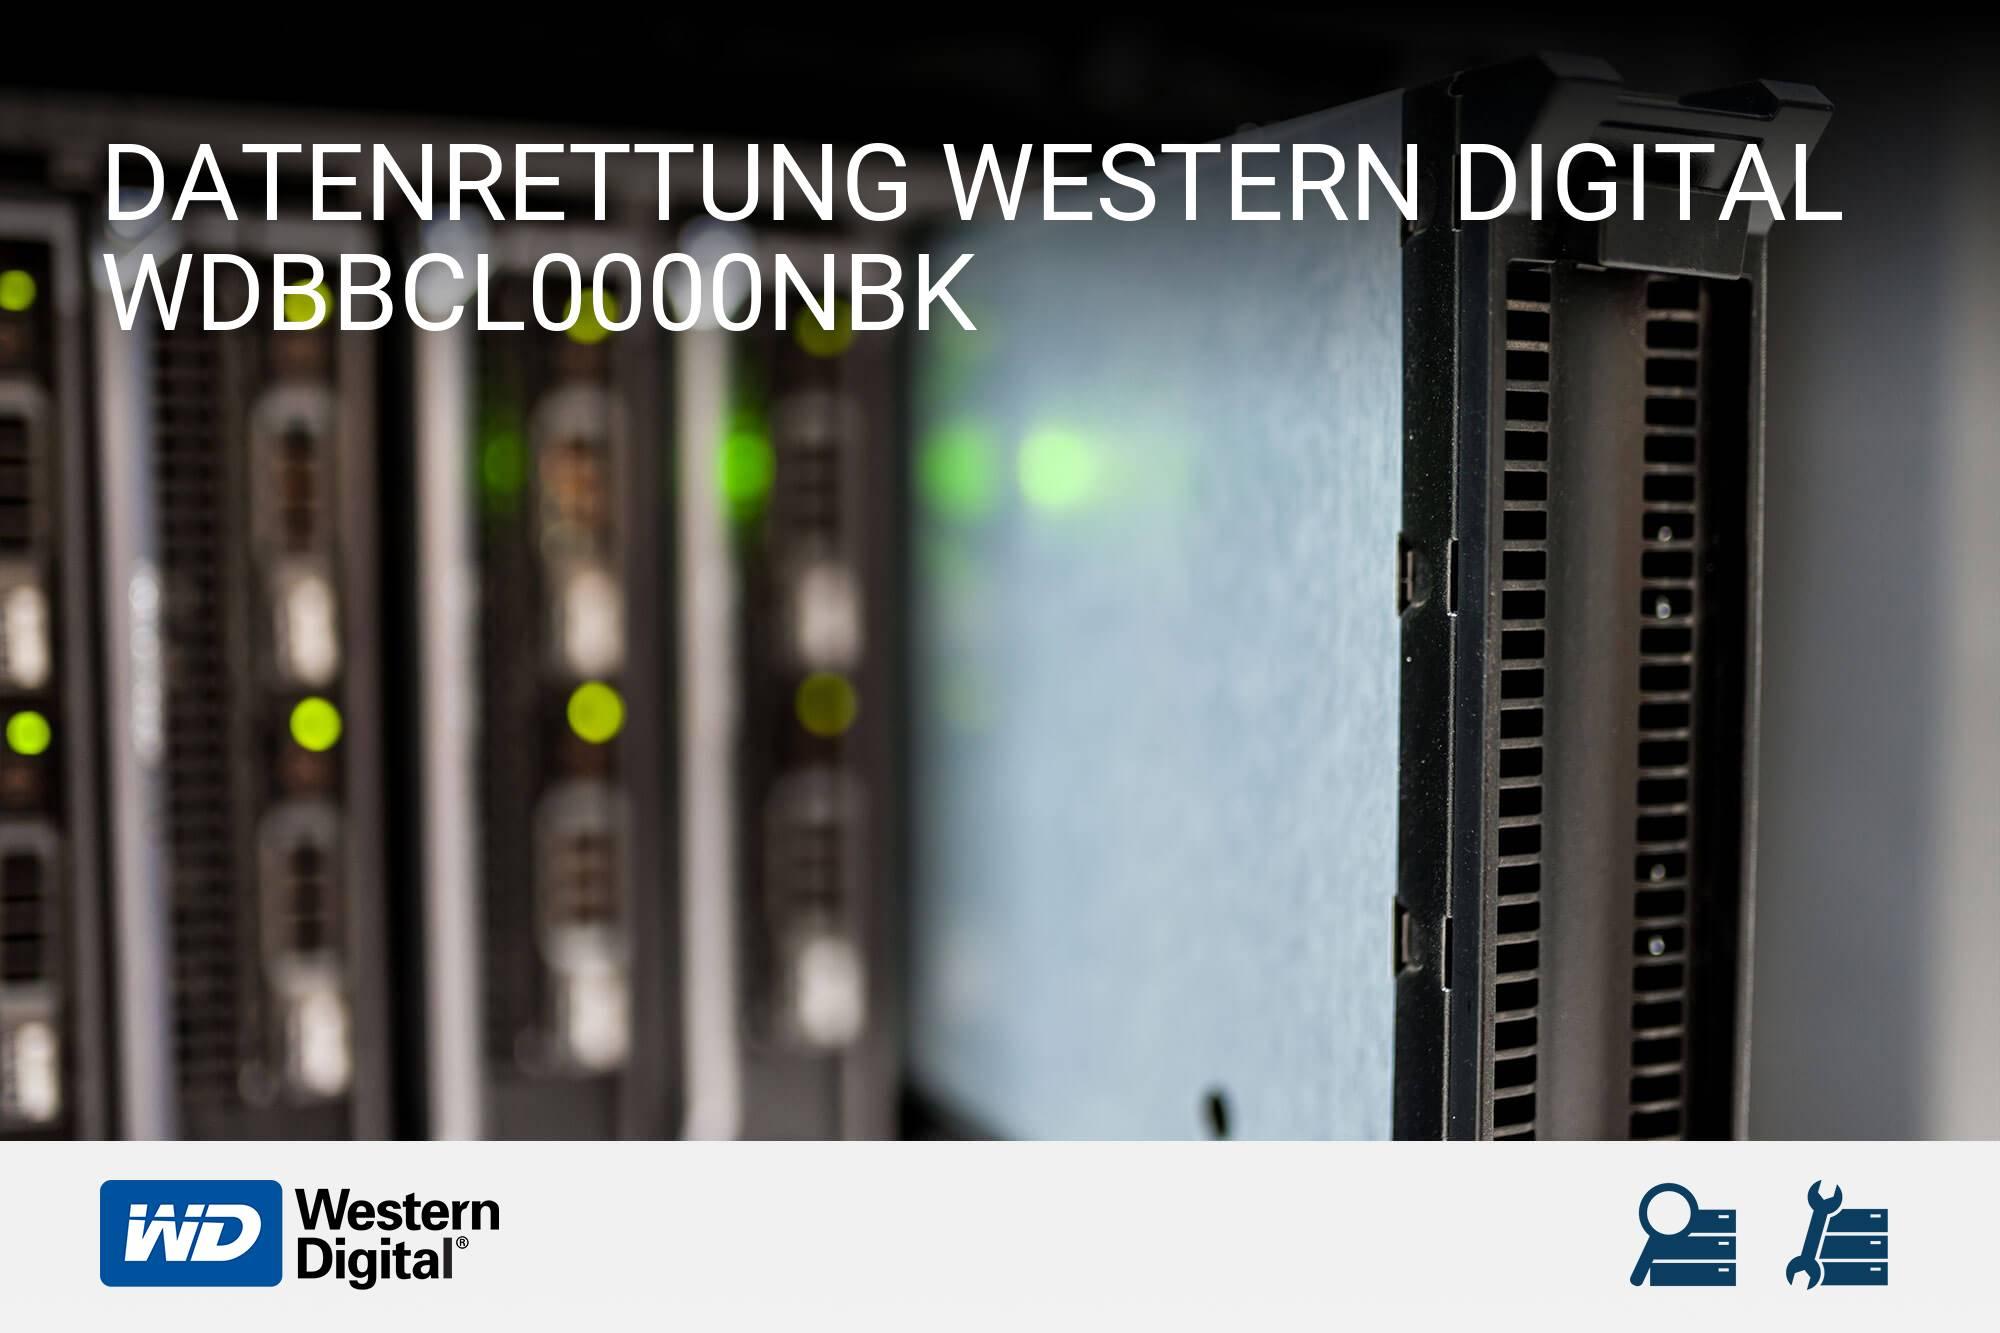 Western Digital WDBBCL0000NBK